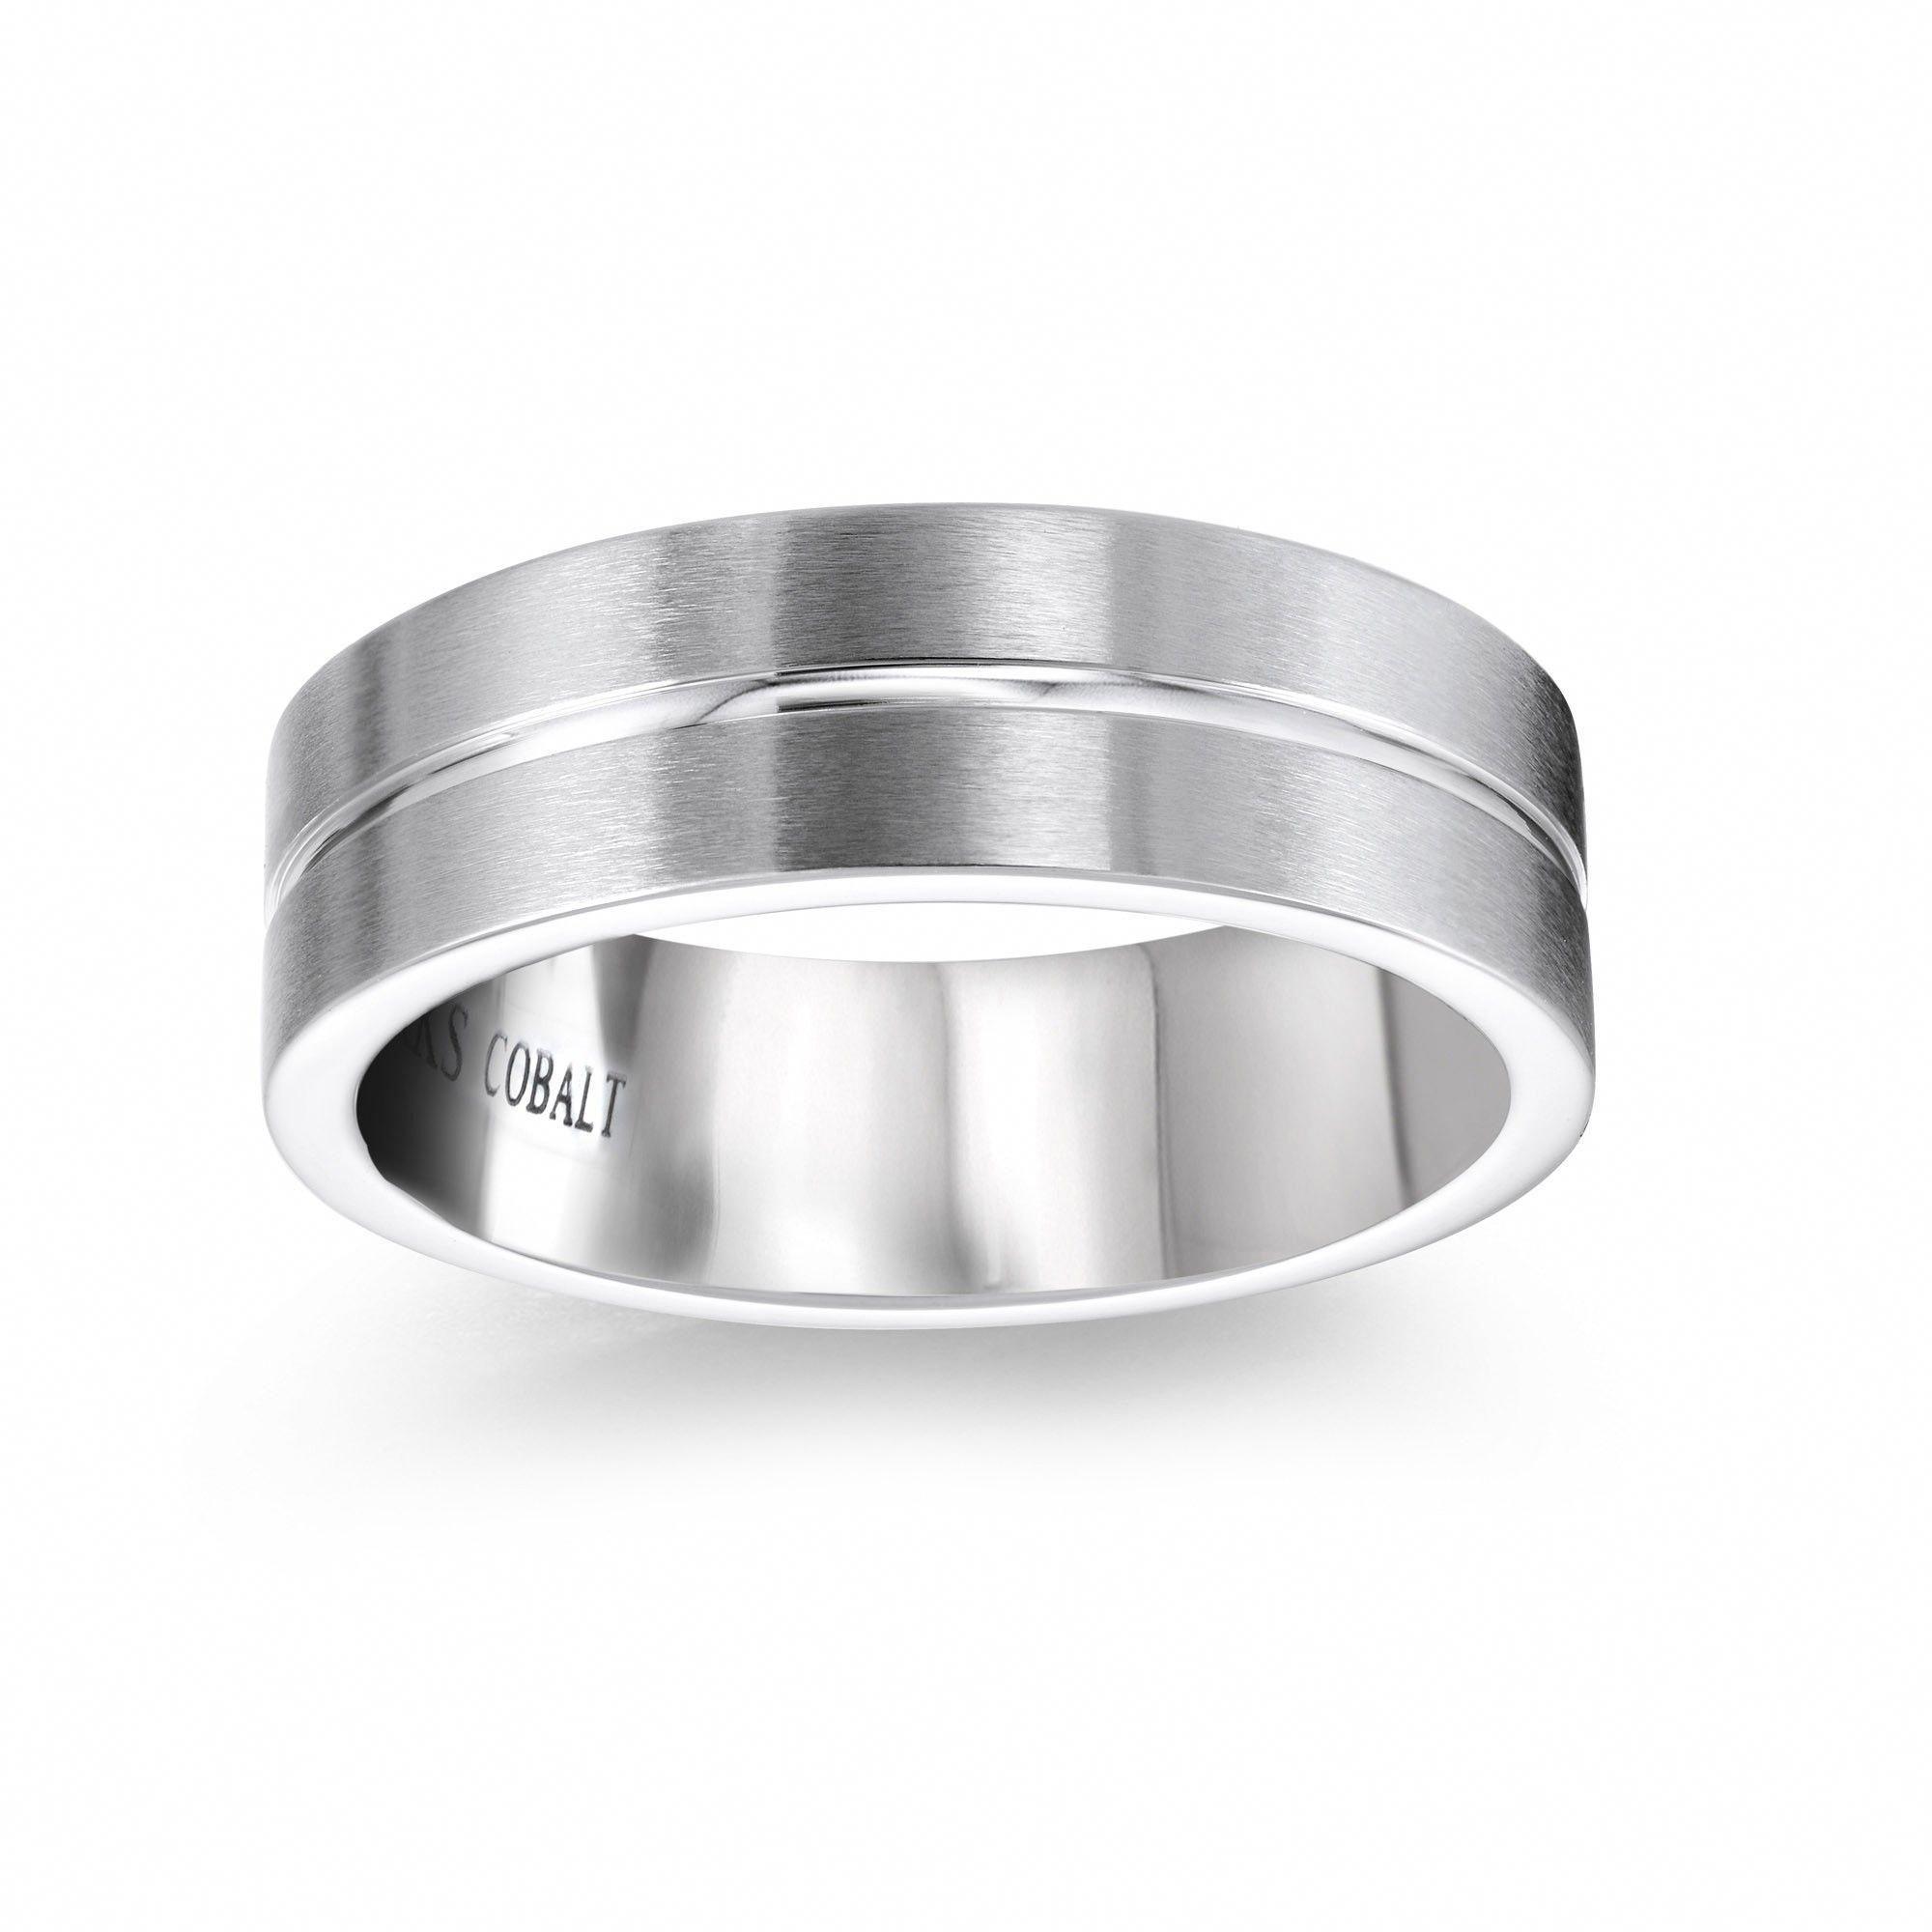 Matte white cobalt wedding band, for him goldbandring